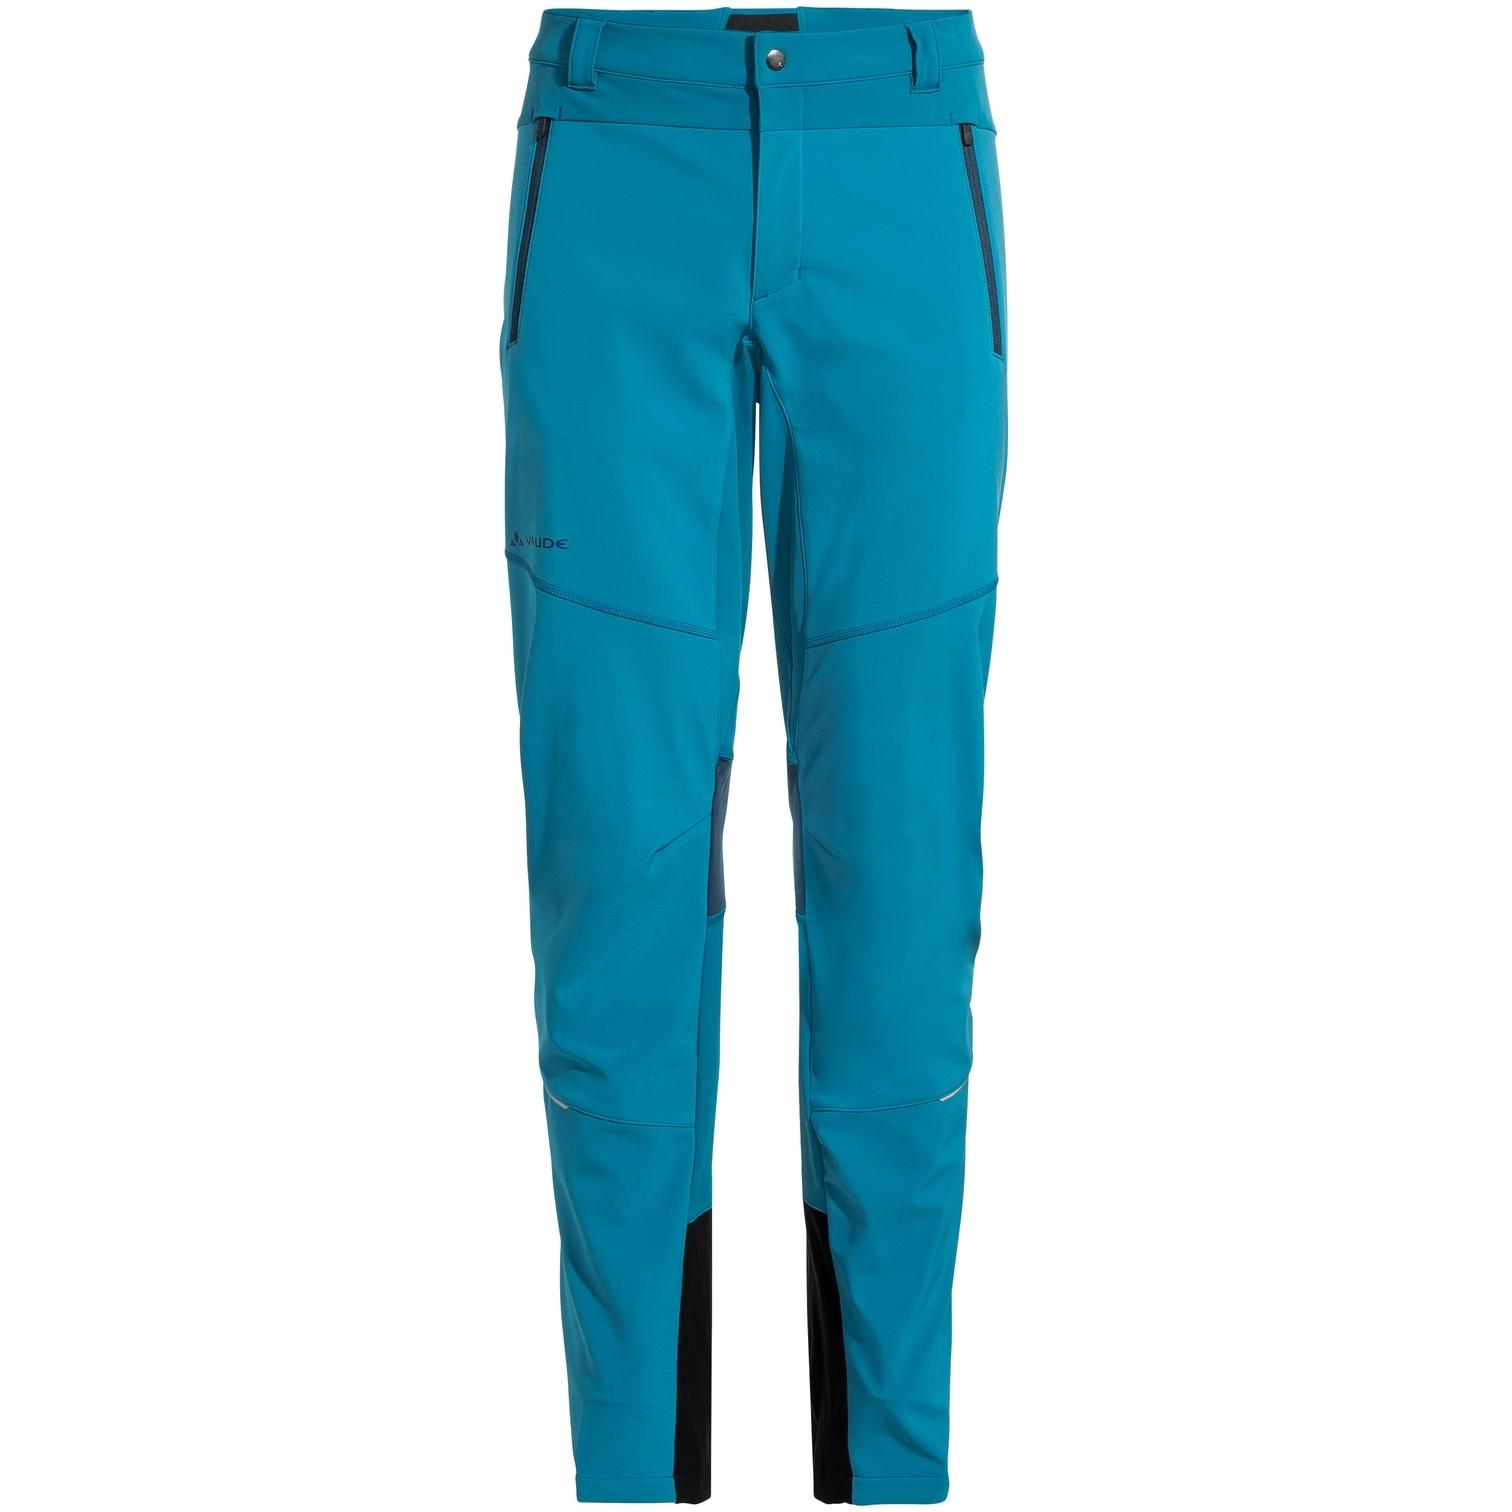 Vaude Men's Larice Pants III - atlantic